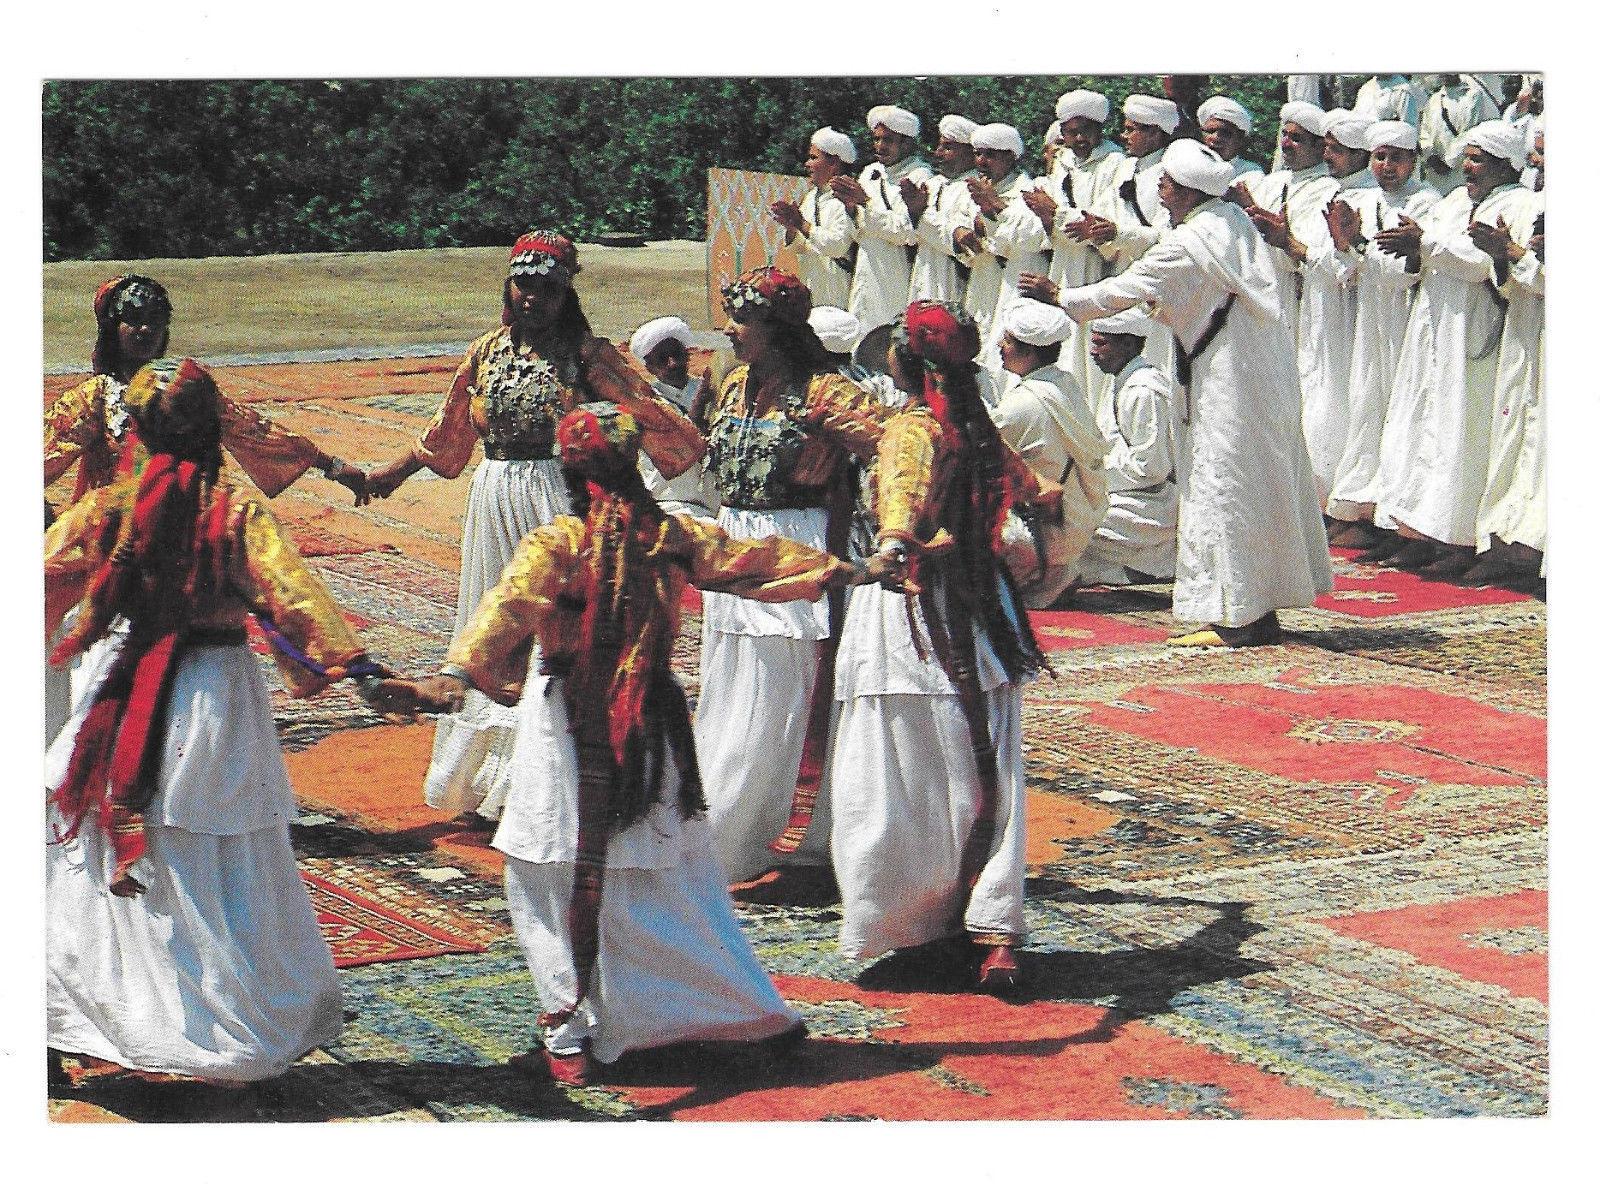 Africa Morocco Marrakesh Dancers Costume Zagora Vtg Postcard 4X6 Marrakech